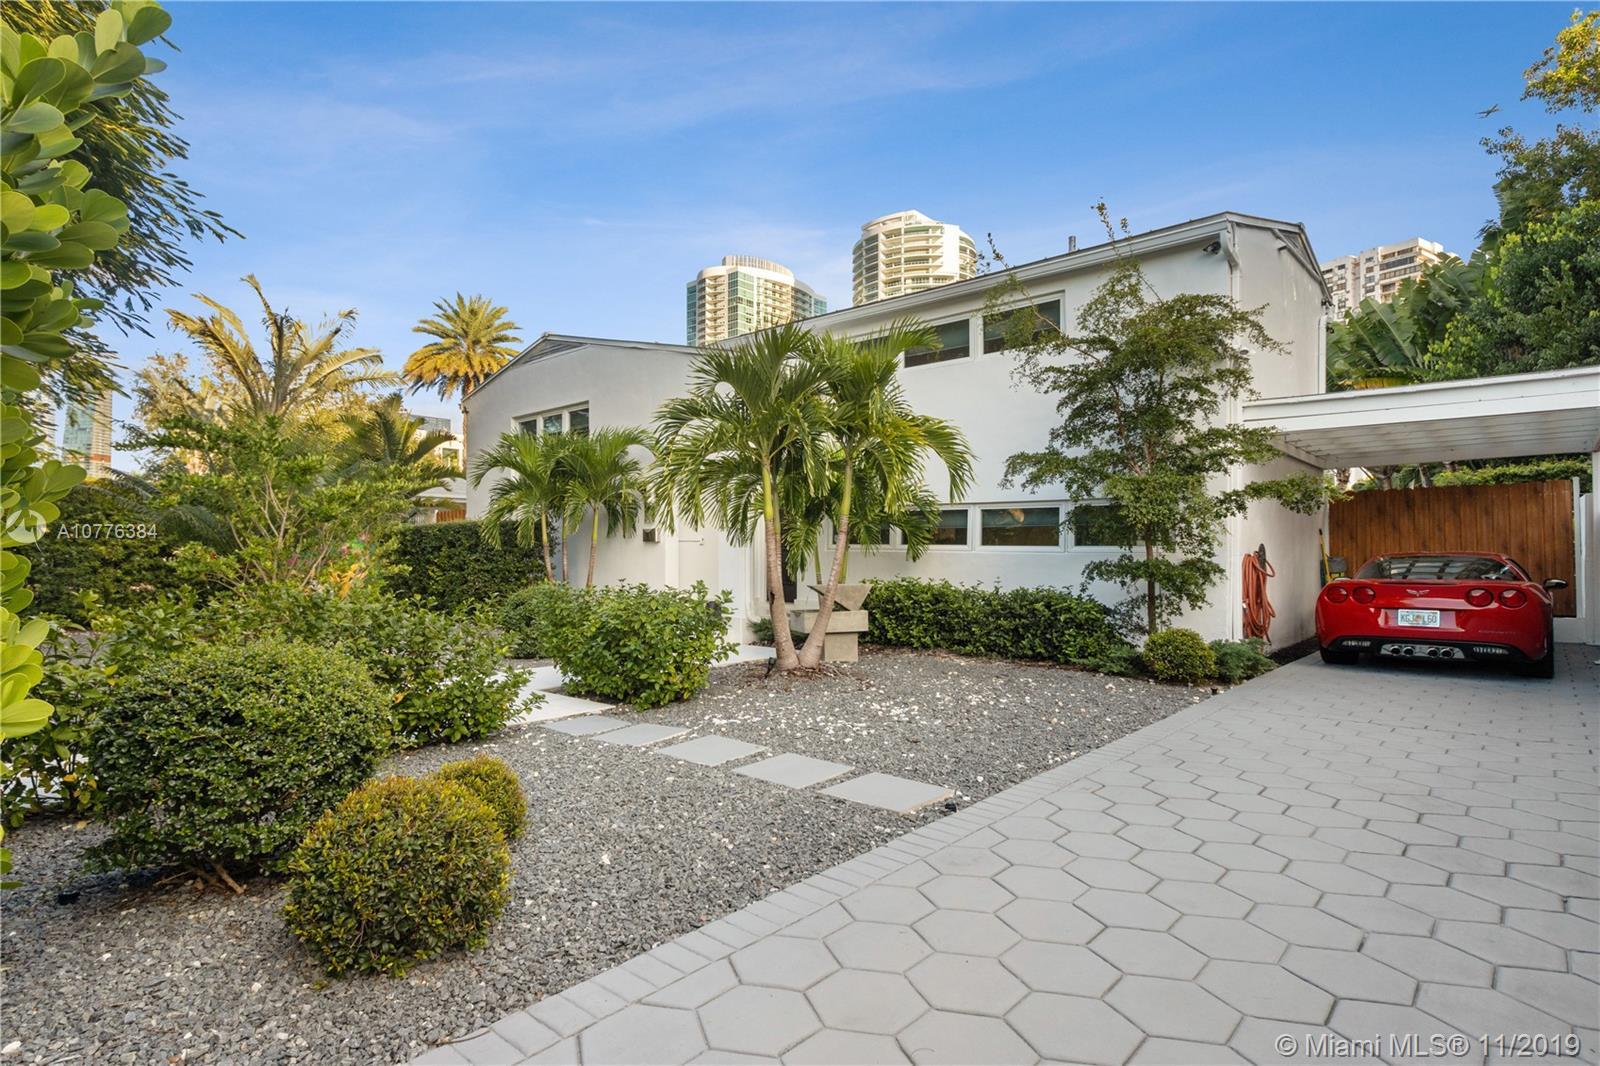 2301 S Miami Ave  For Sale A10776384, FL